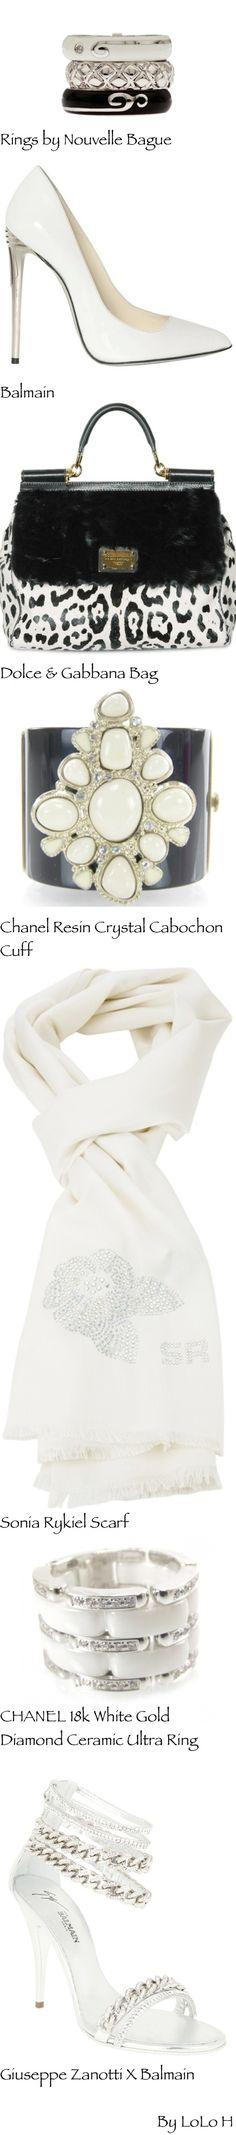 ➗Black & White Style